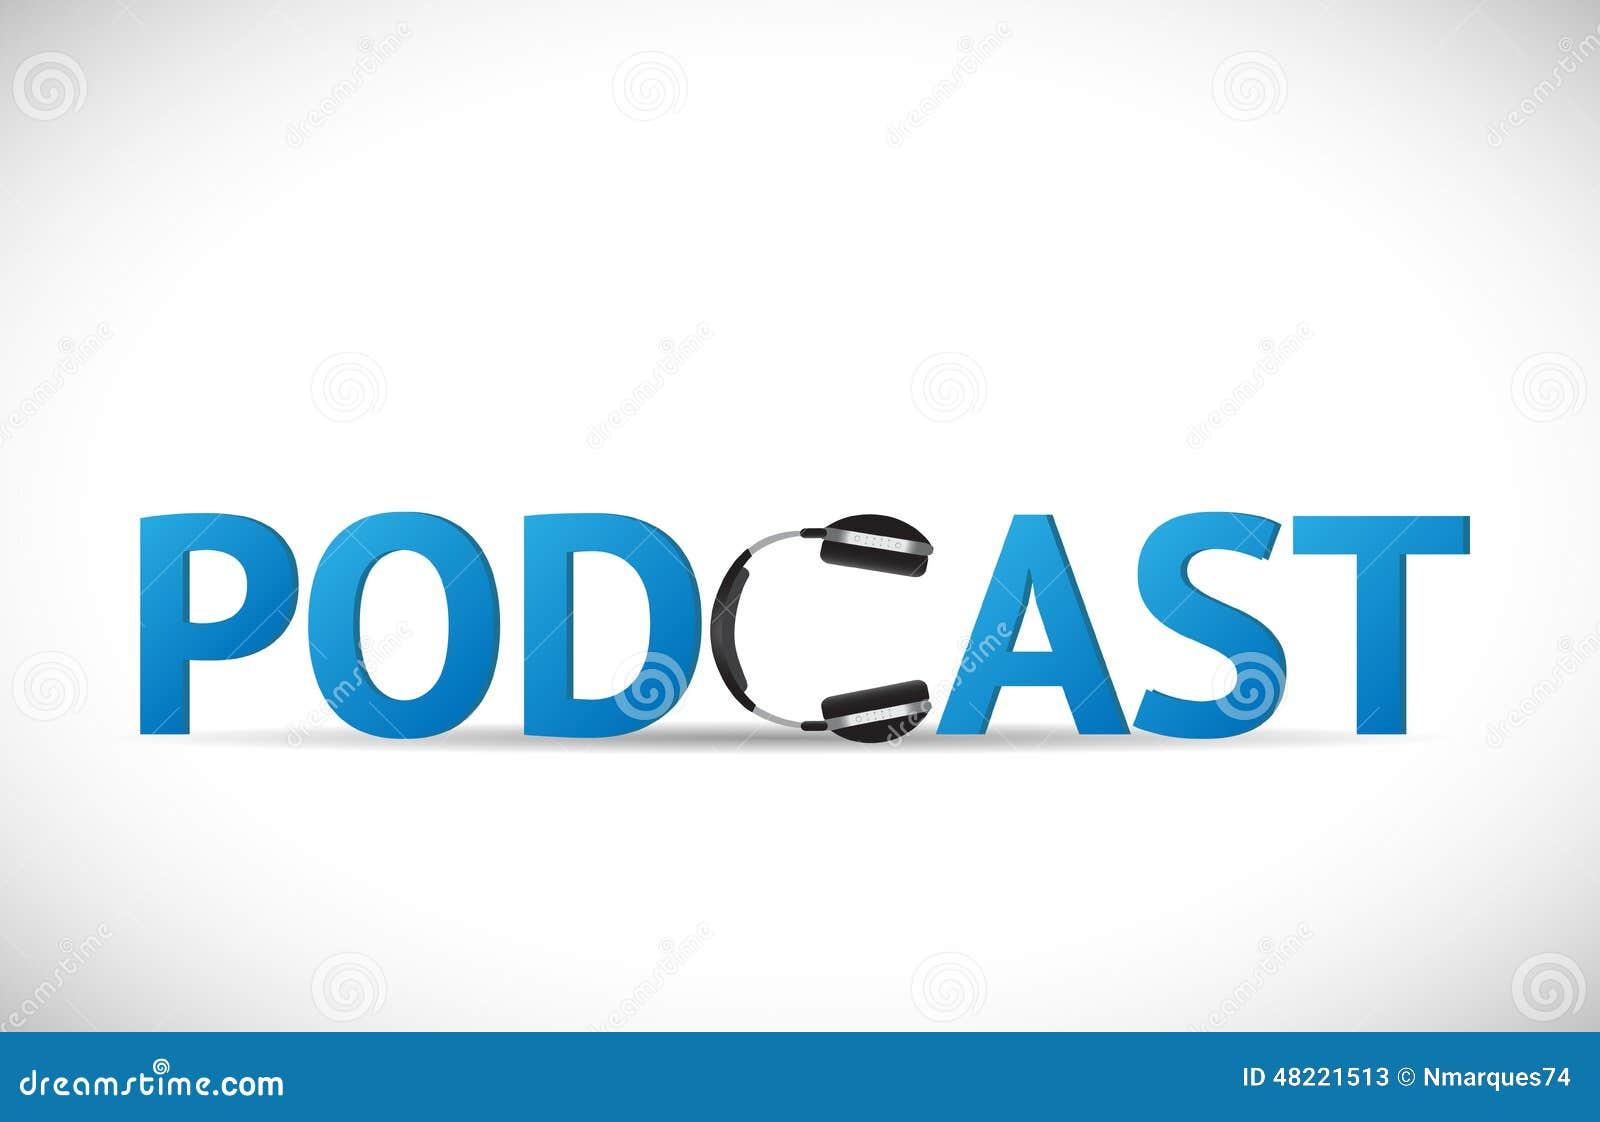 Ilustração do Podcast